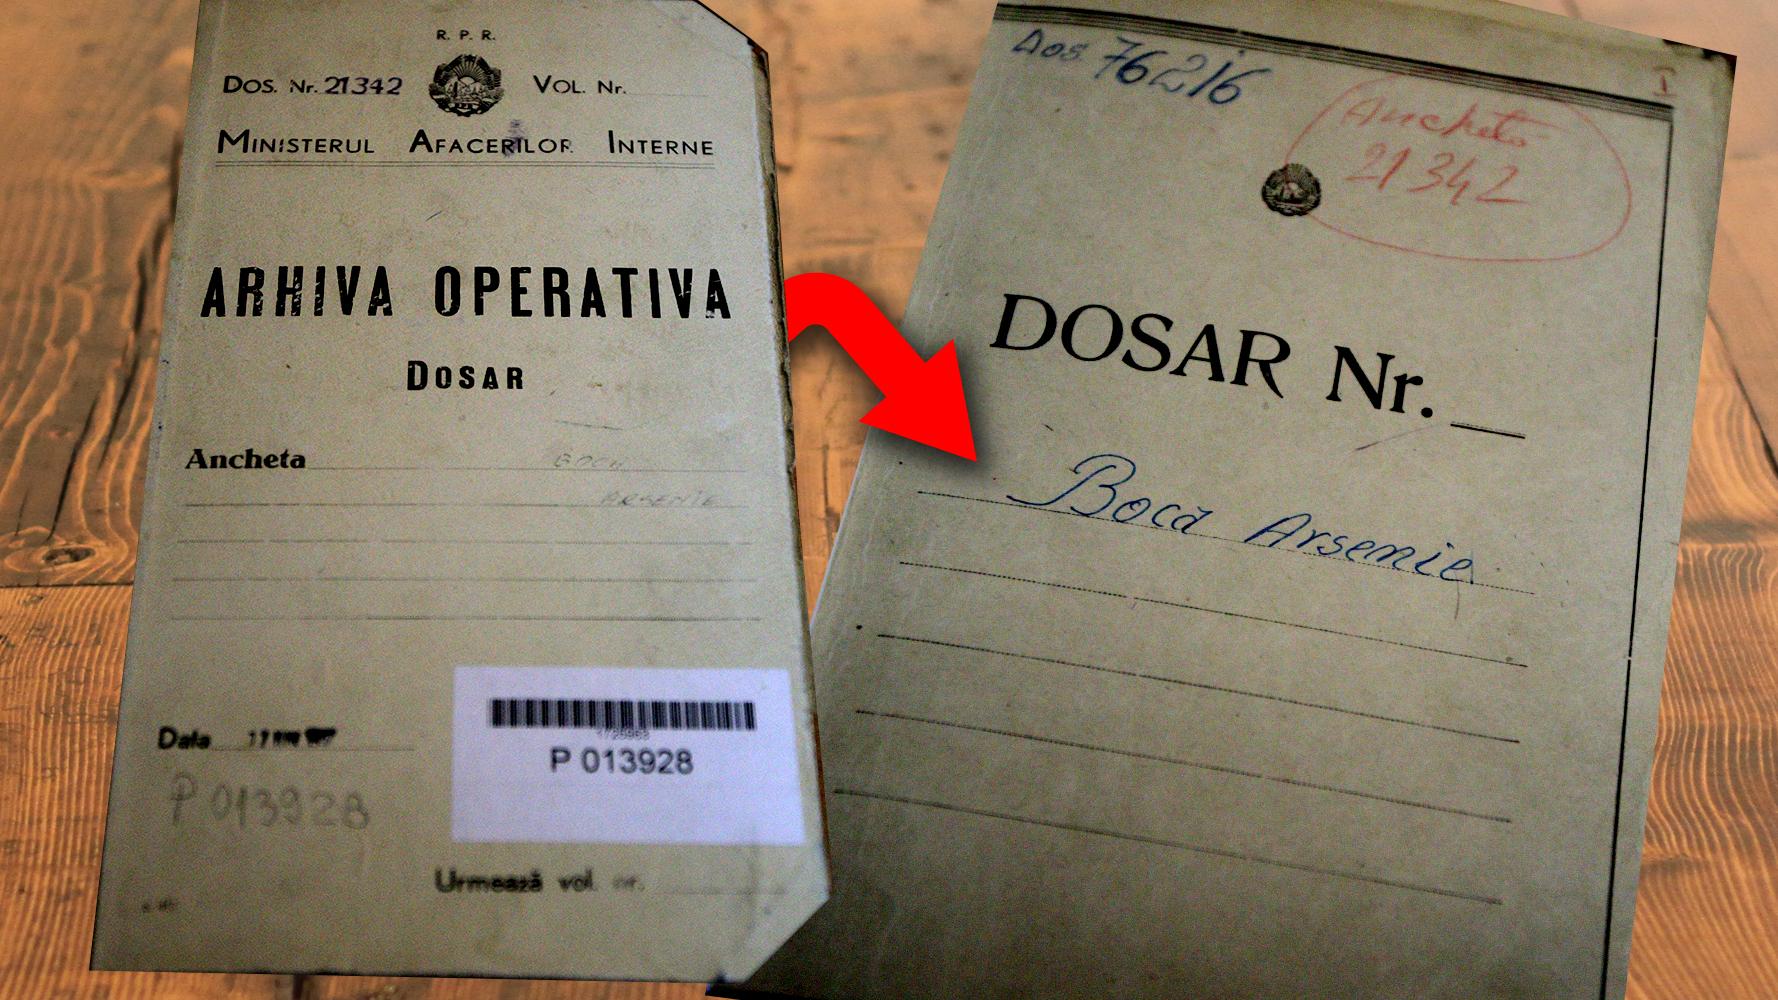 Consiliul National pentru Studierea Arhivelor Securitatii (CNSAS) are in custodie, la acest moment, sase dosare de urmarire deschise de-a lungul timpului pe numele monahului